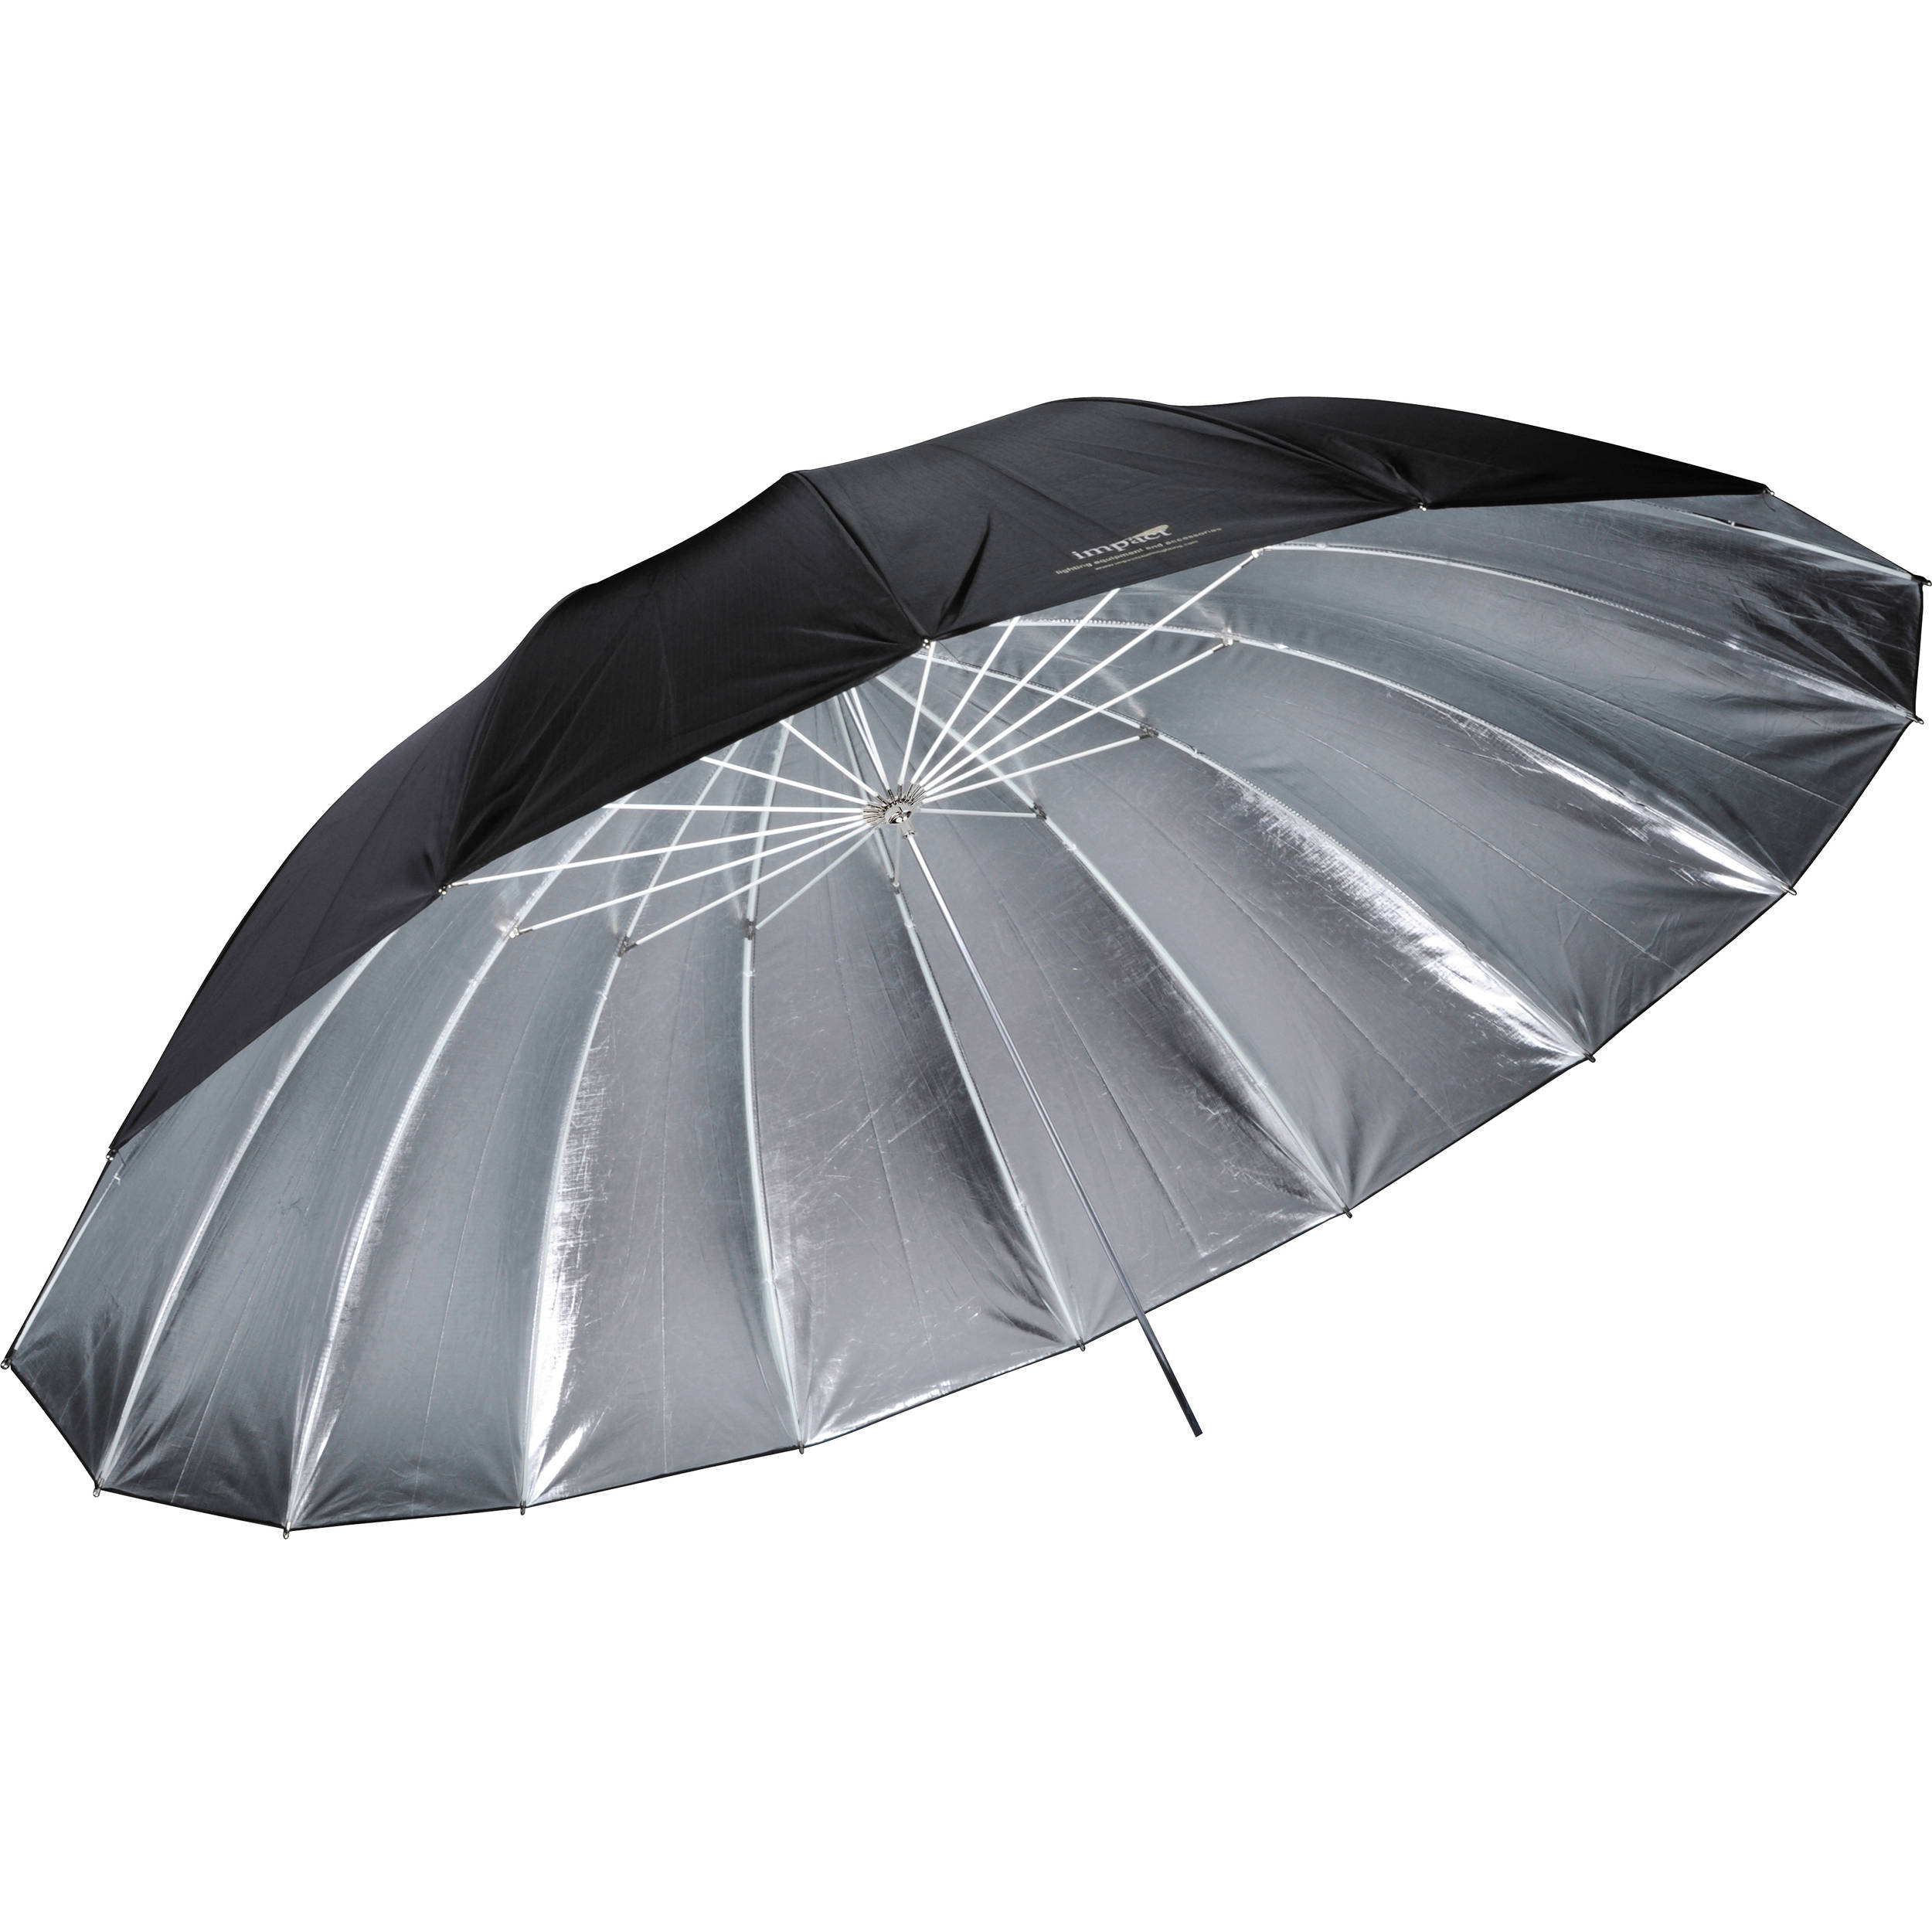 2 Pack Impact 7 Parabolic Umbrella Diffuser